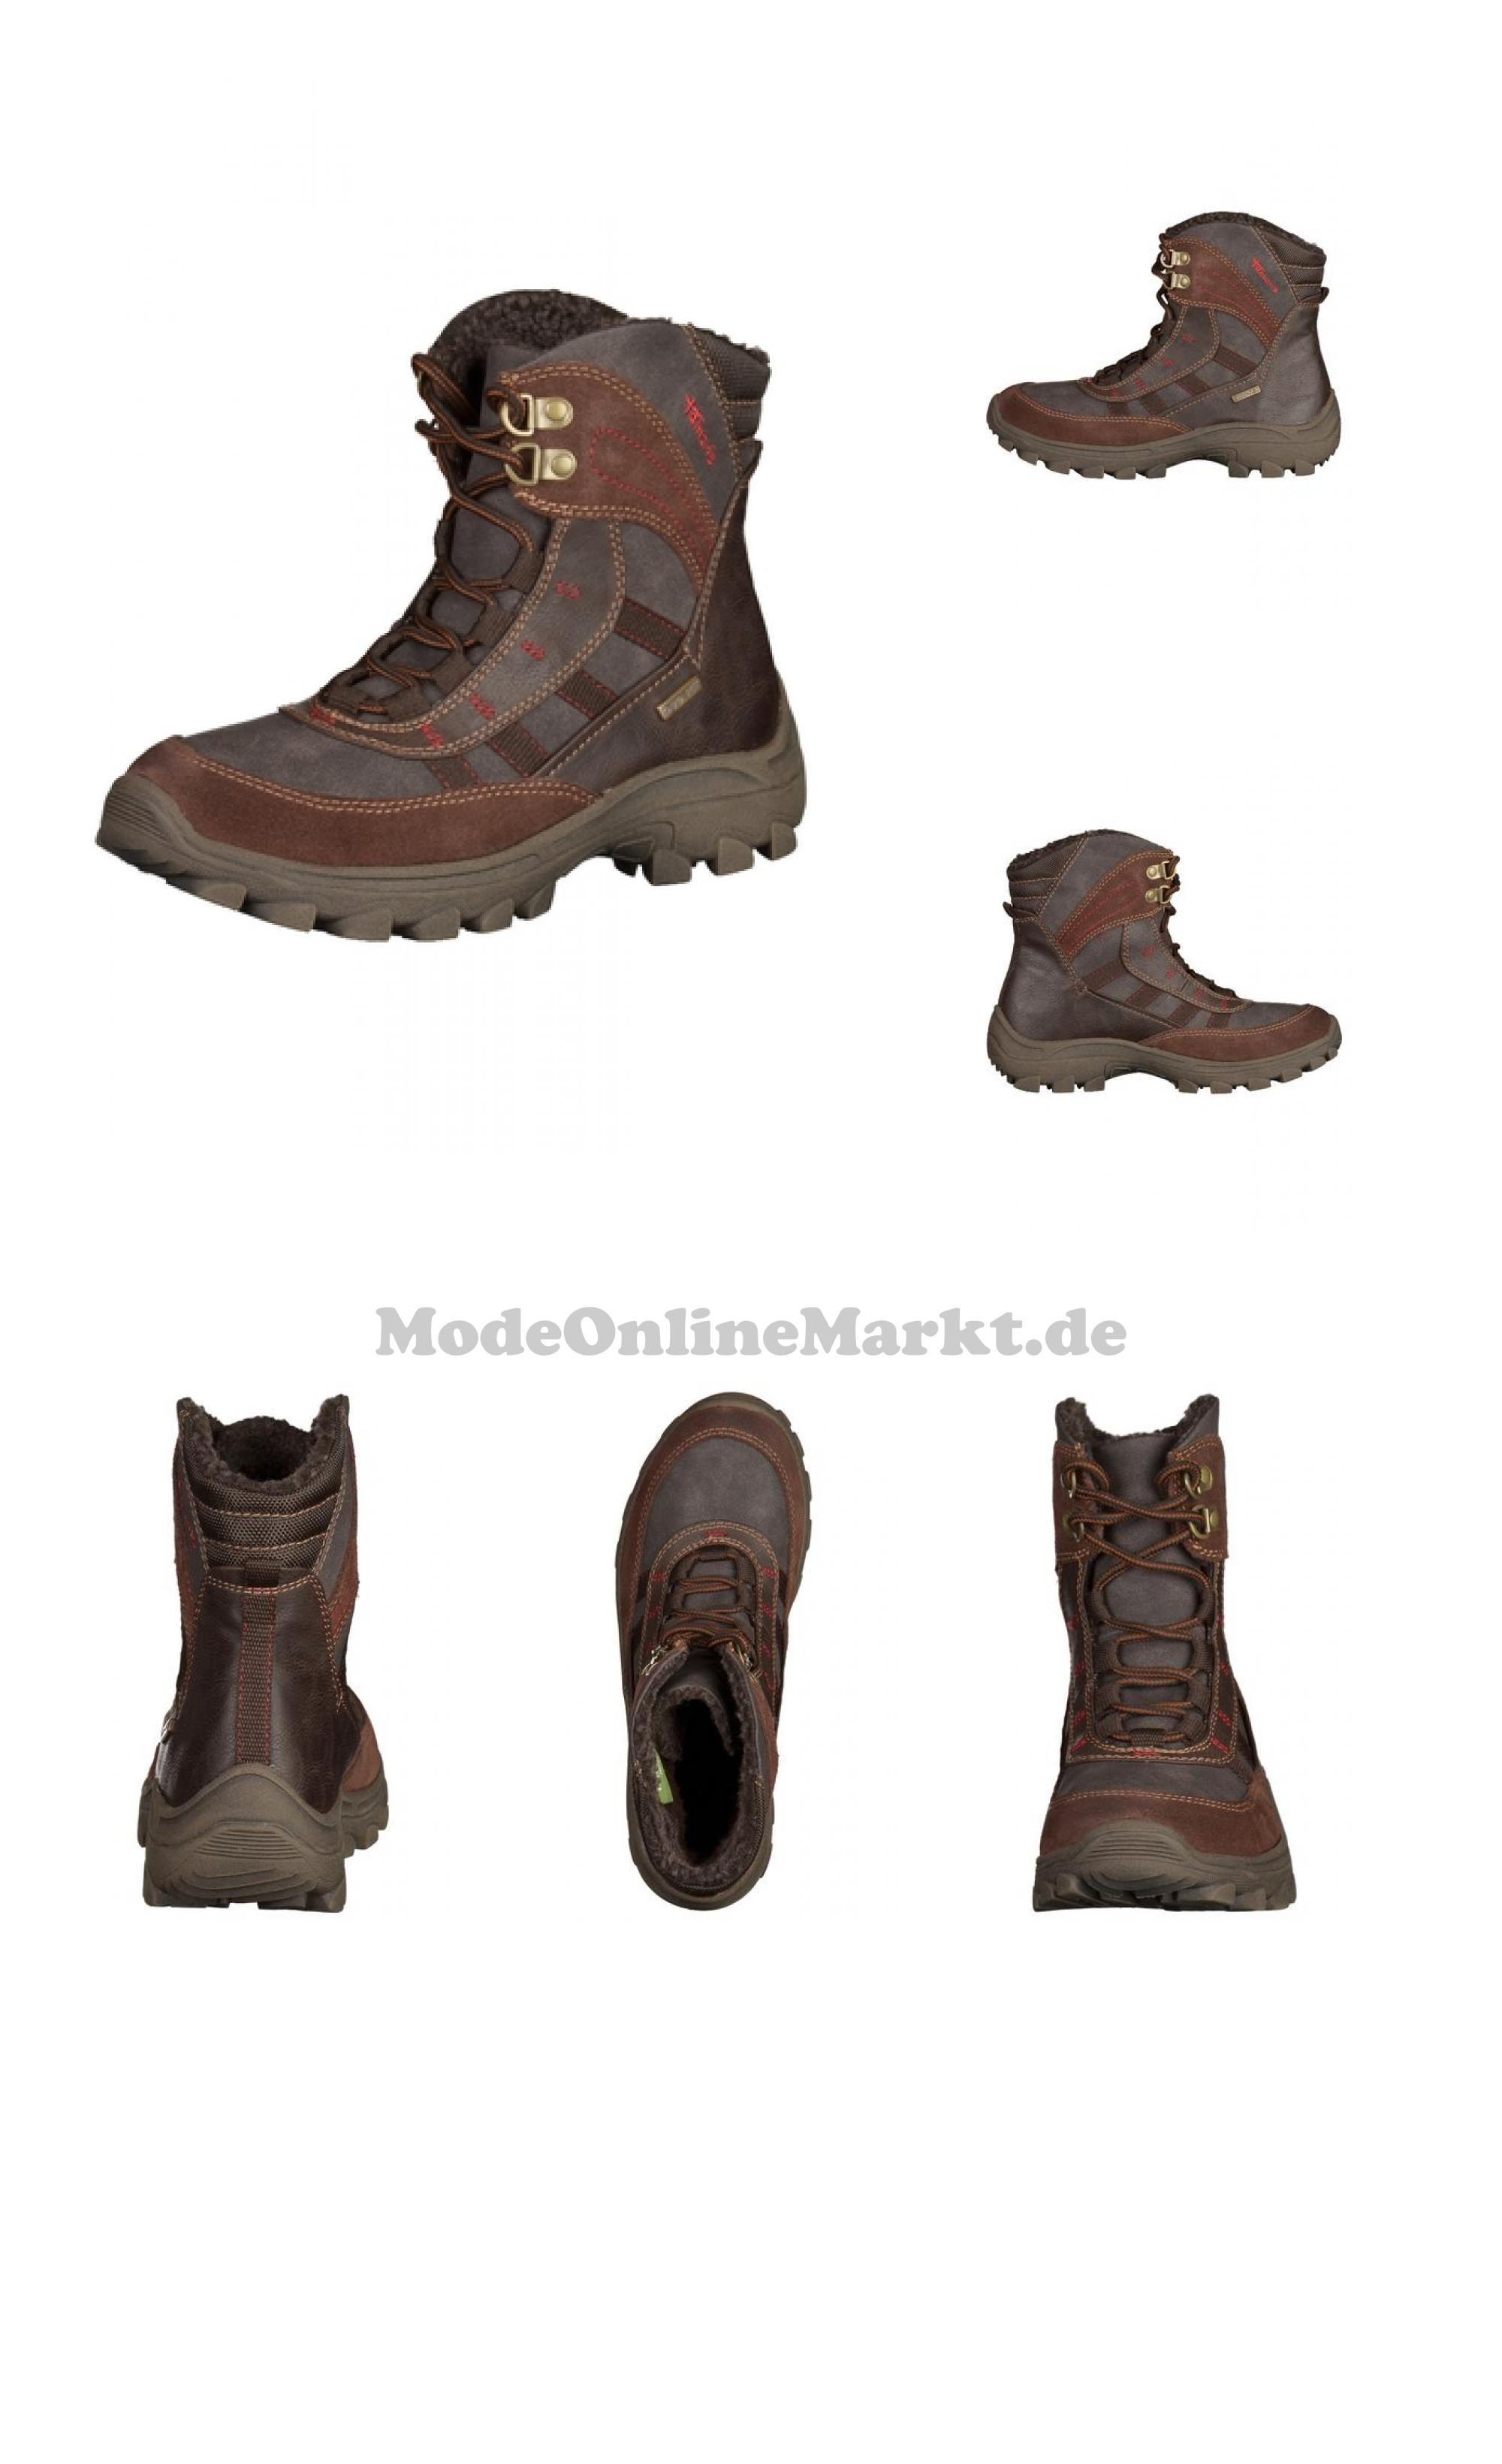 tamaris boot keilabsatz schwarz, Tamaris women's 26443